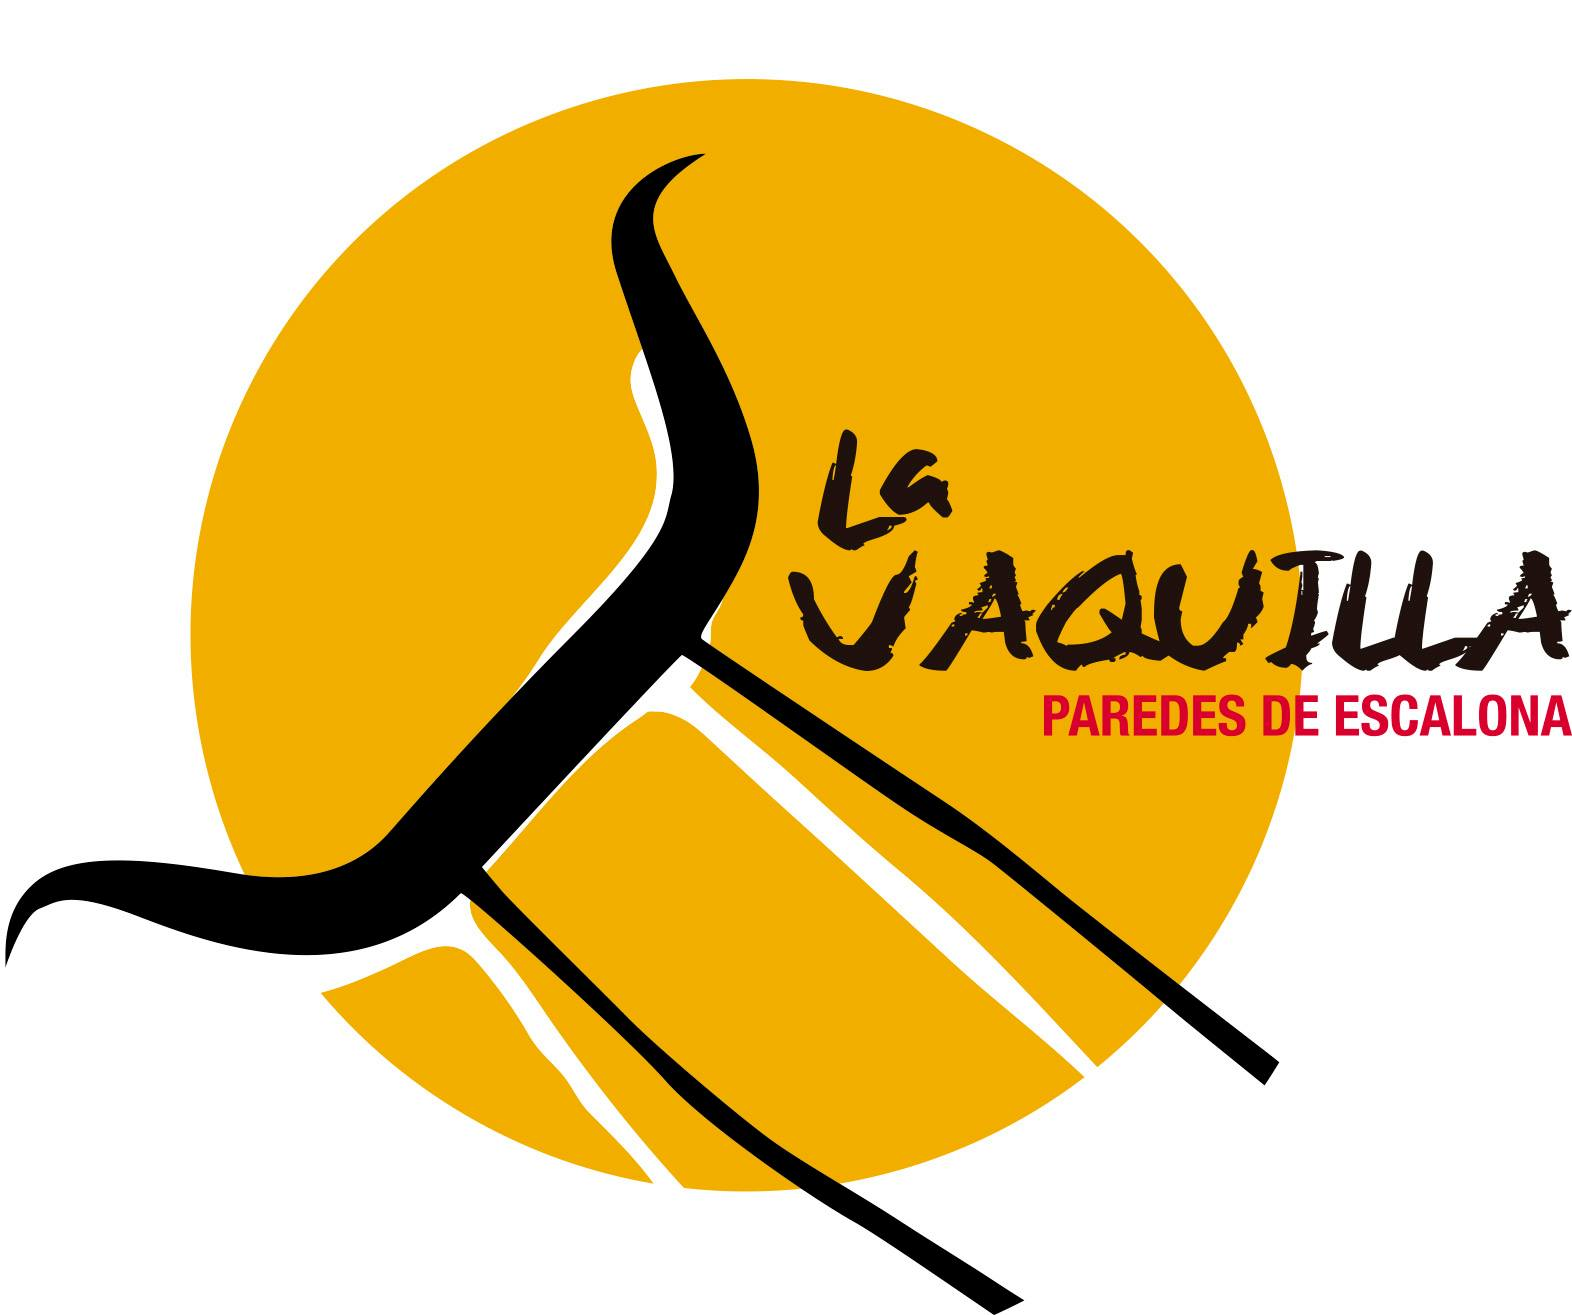 Asociación La Vaquilla - Ayuntamiento de Paredes de Escalona